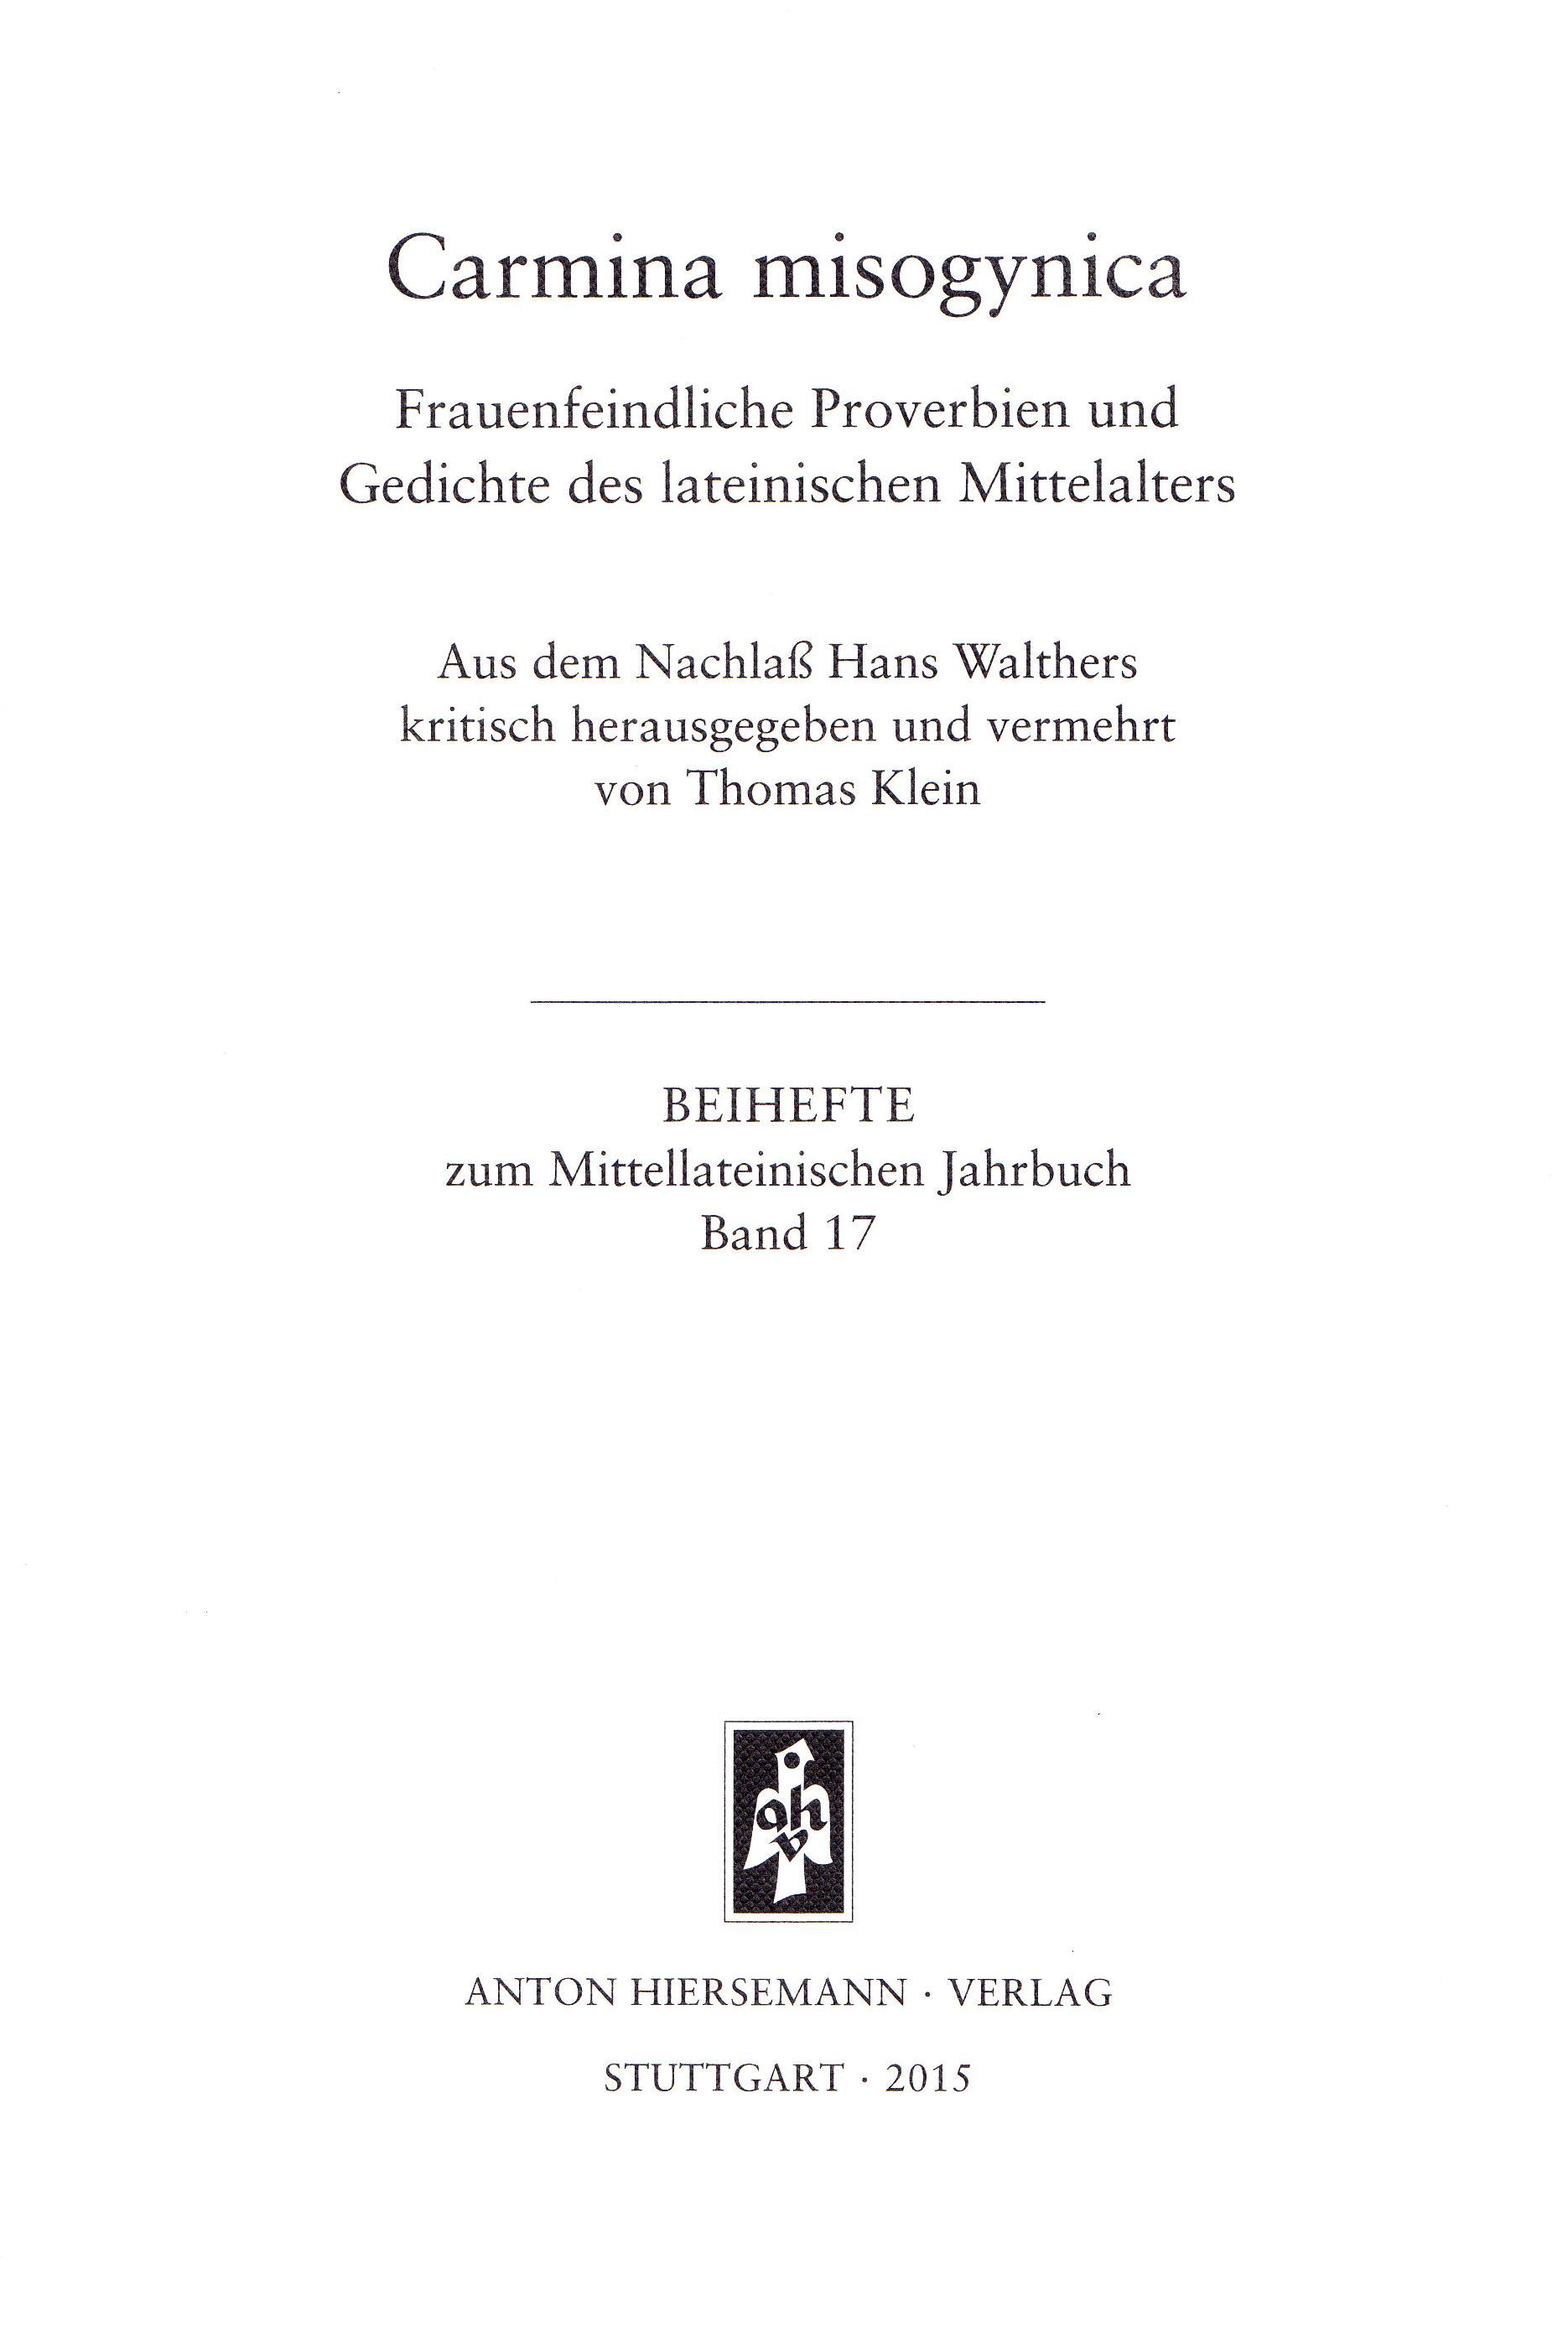 proverbien: alle bücher und publikation zum thema